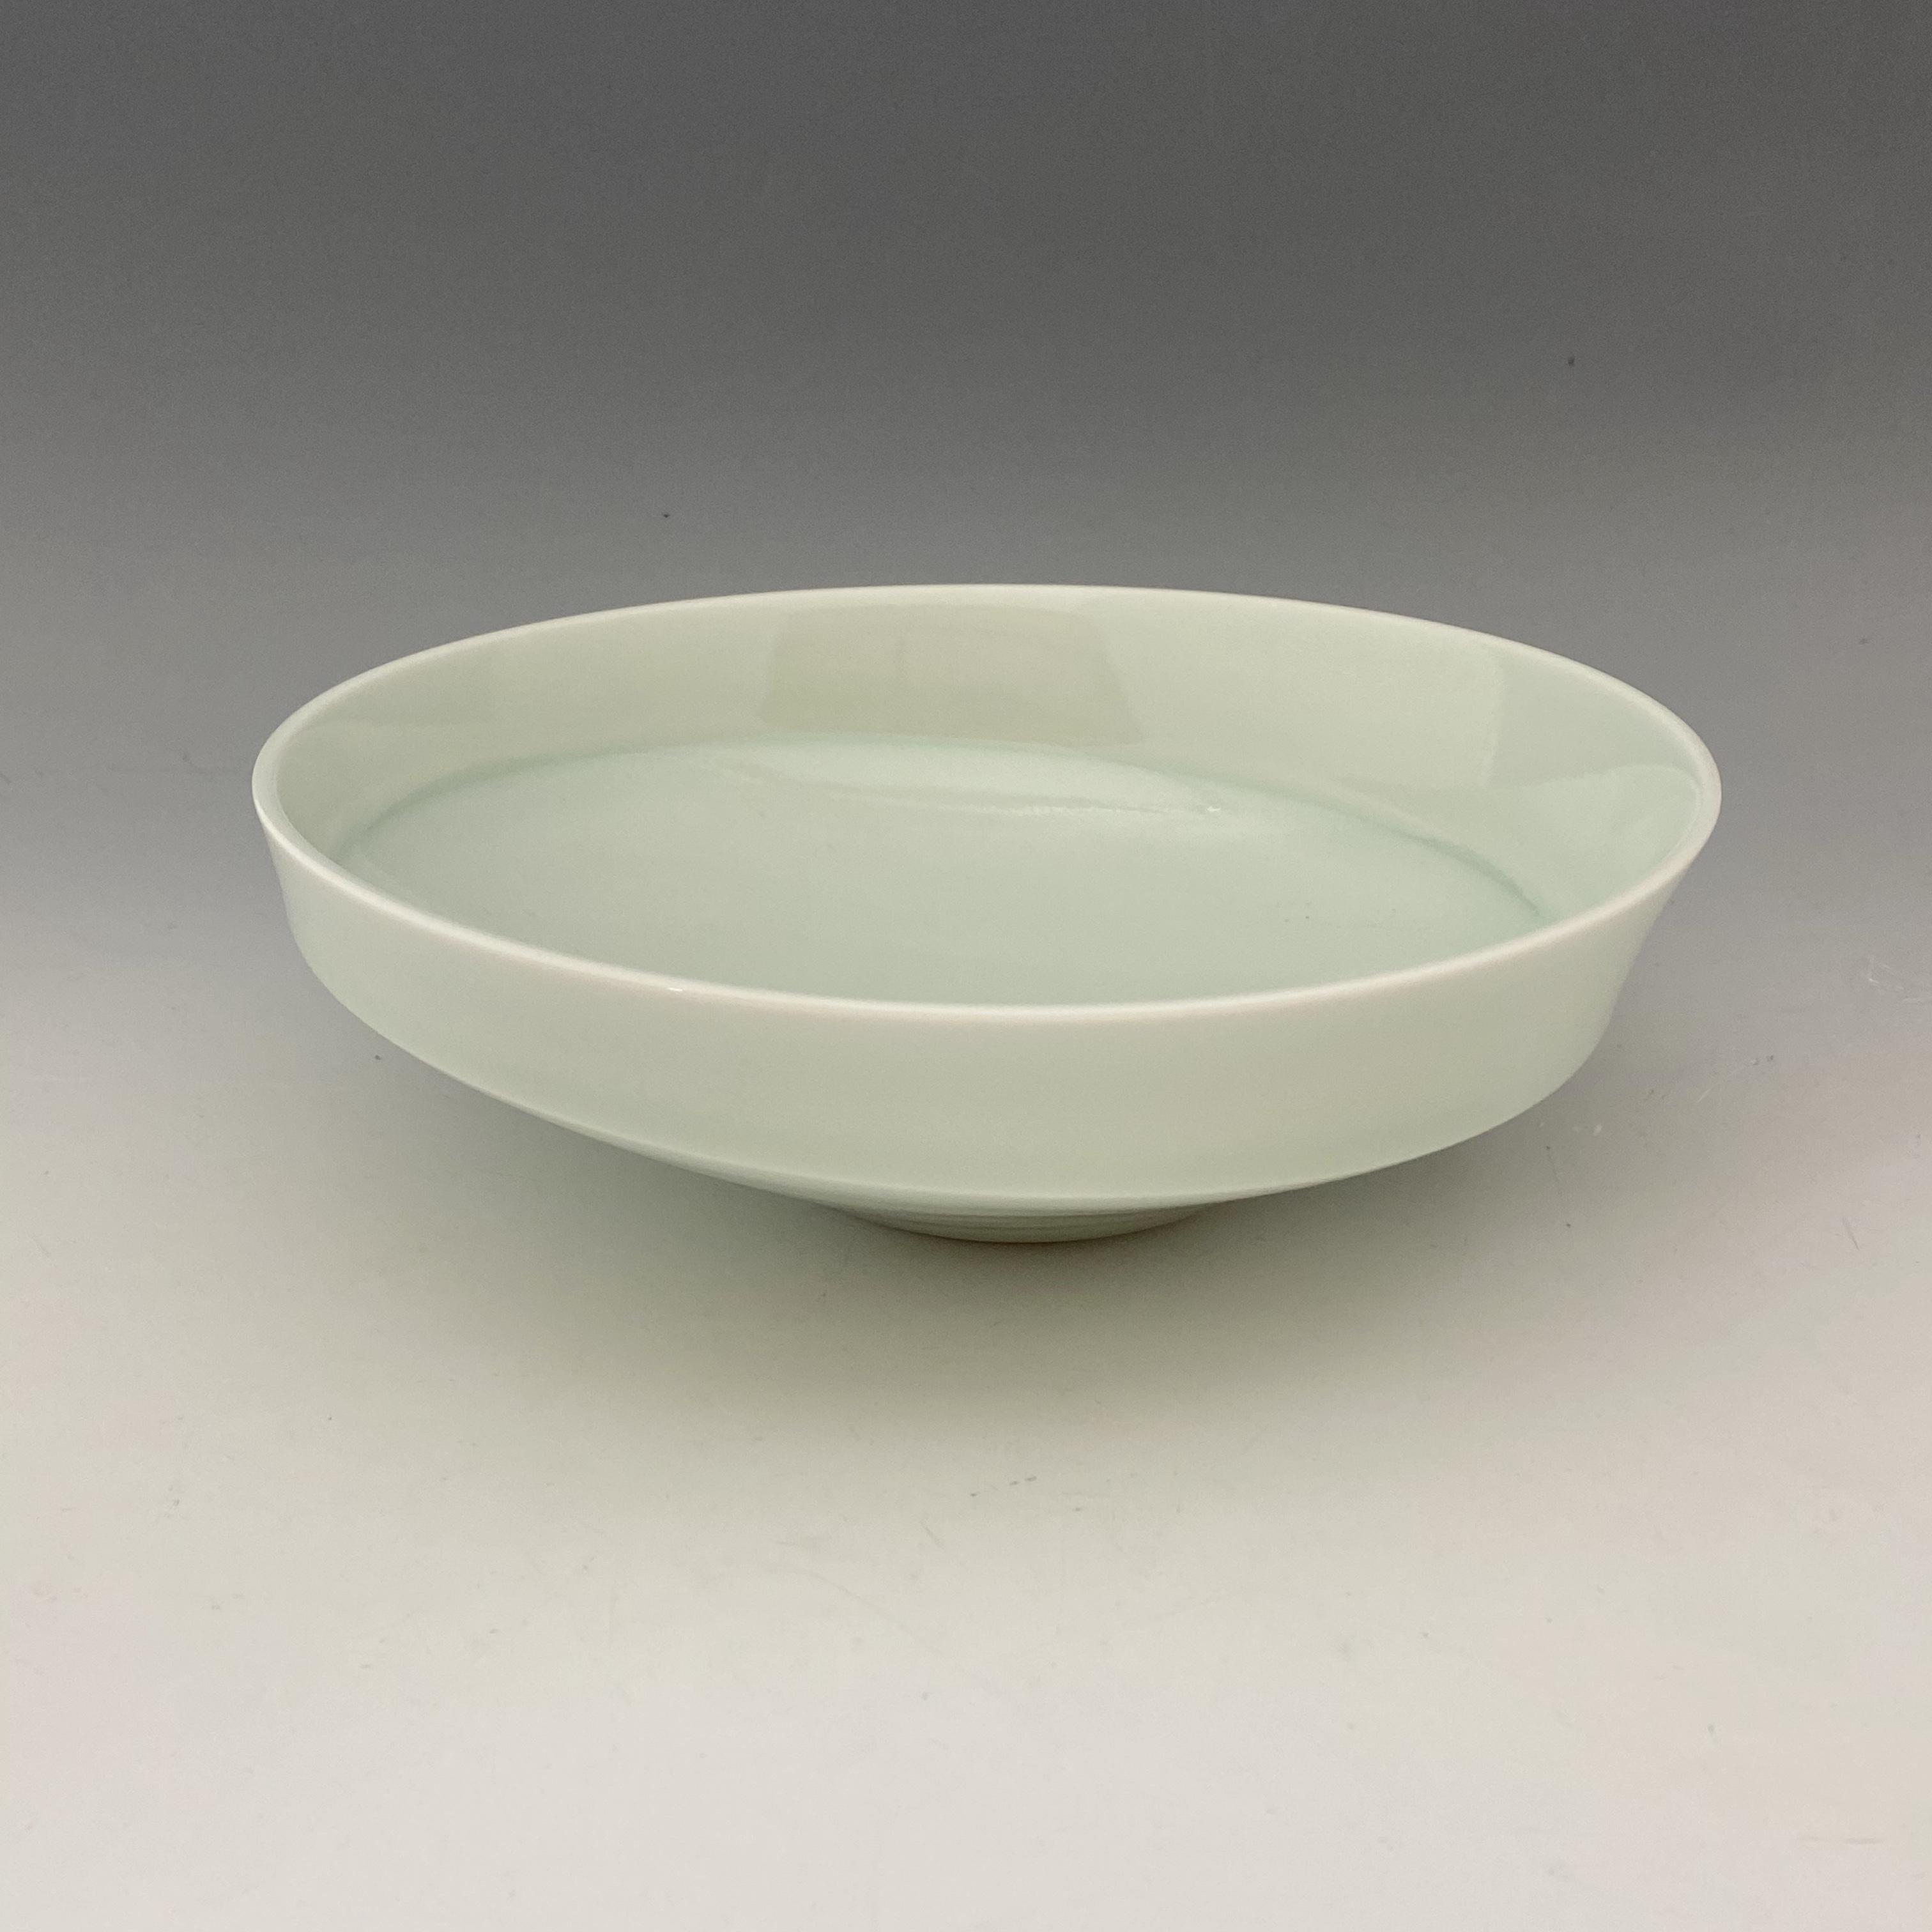 【中尾純】青白磁鉢(中)